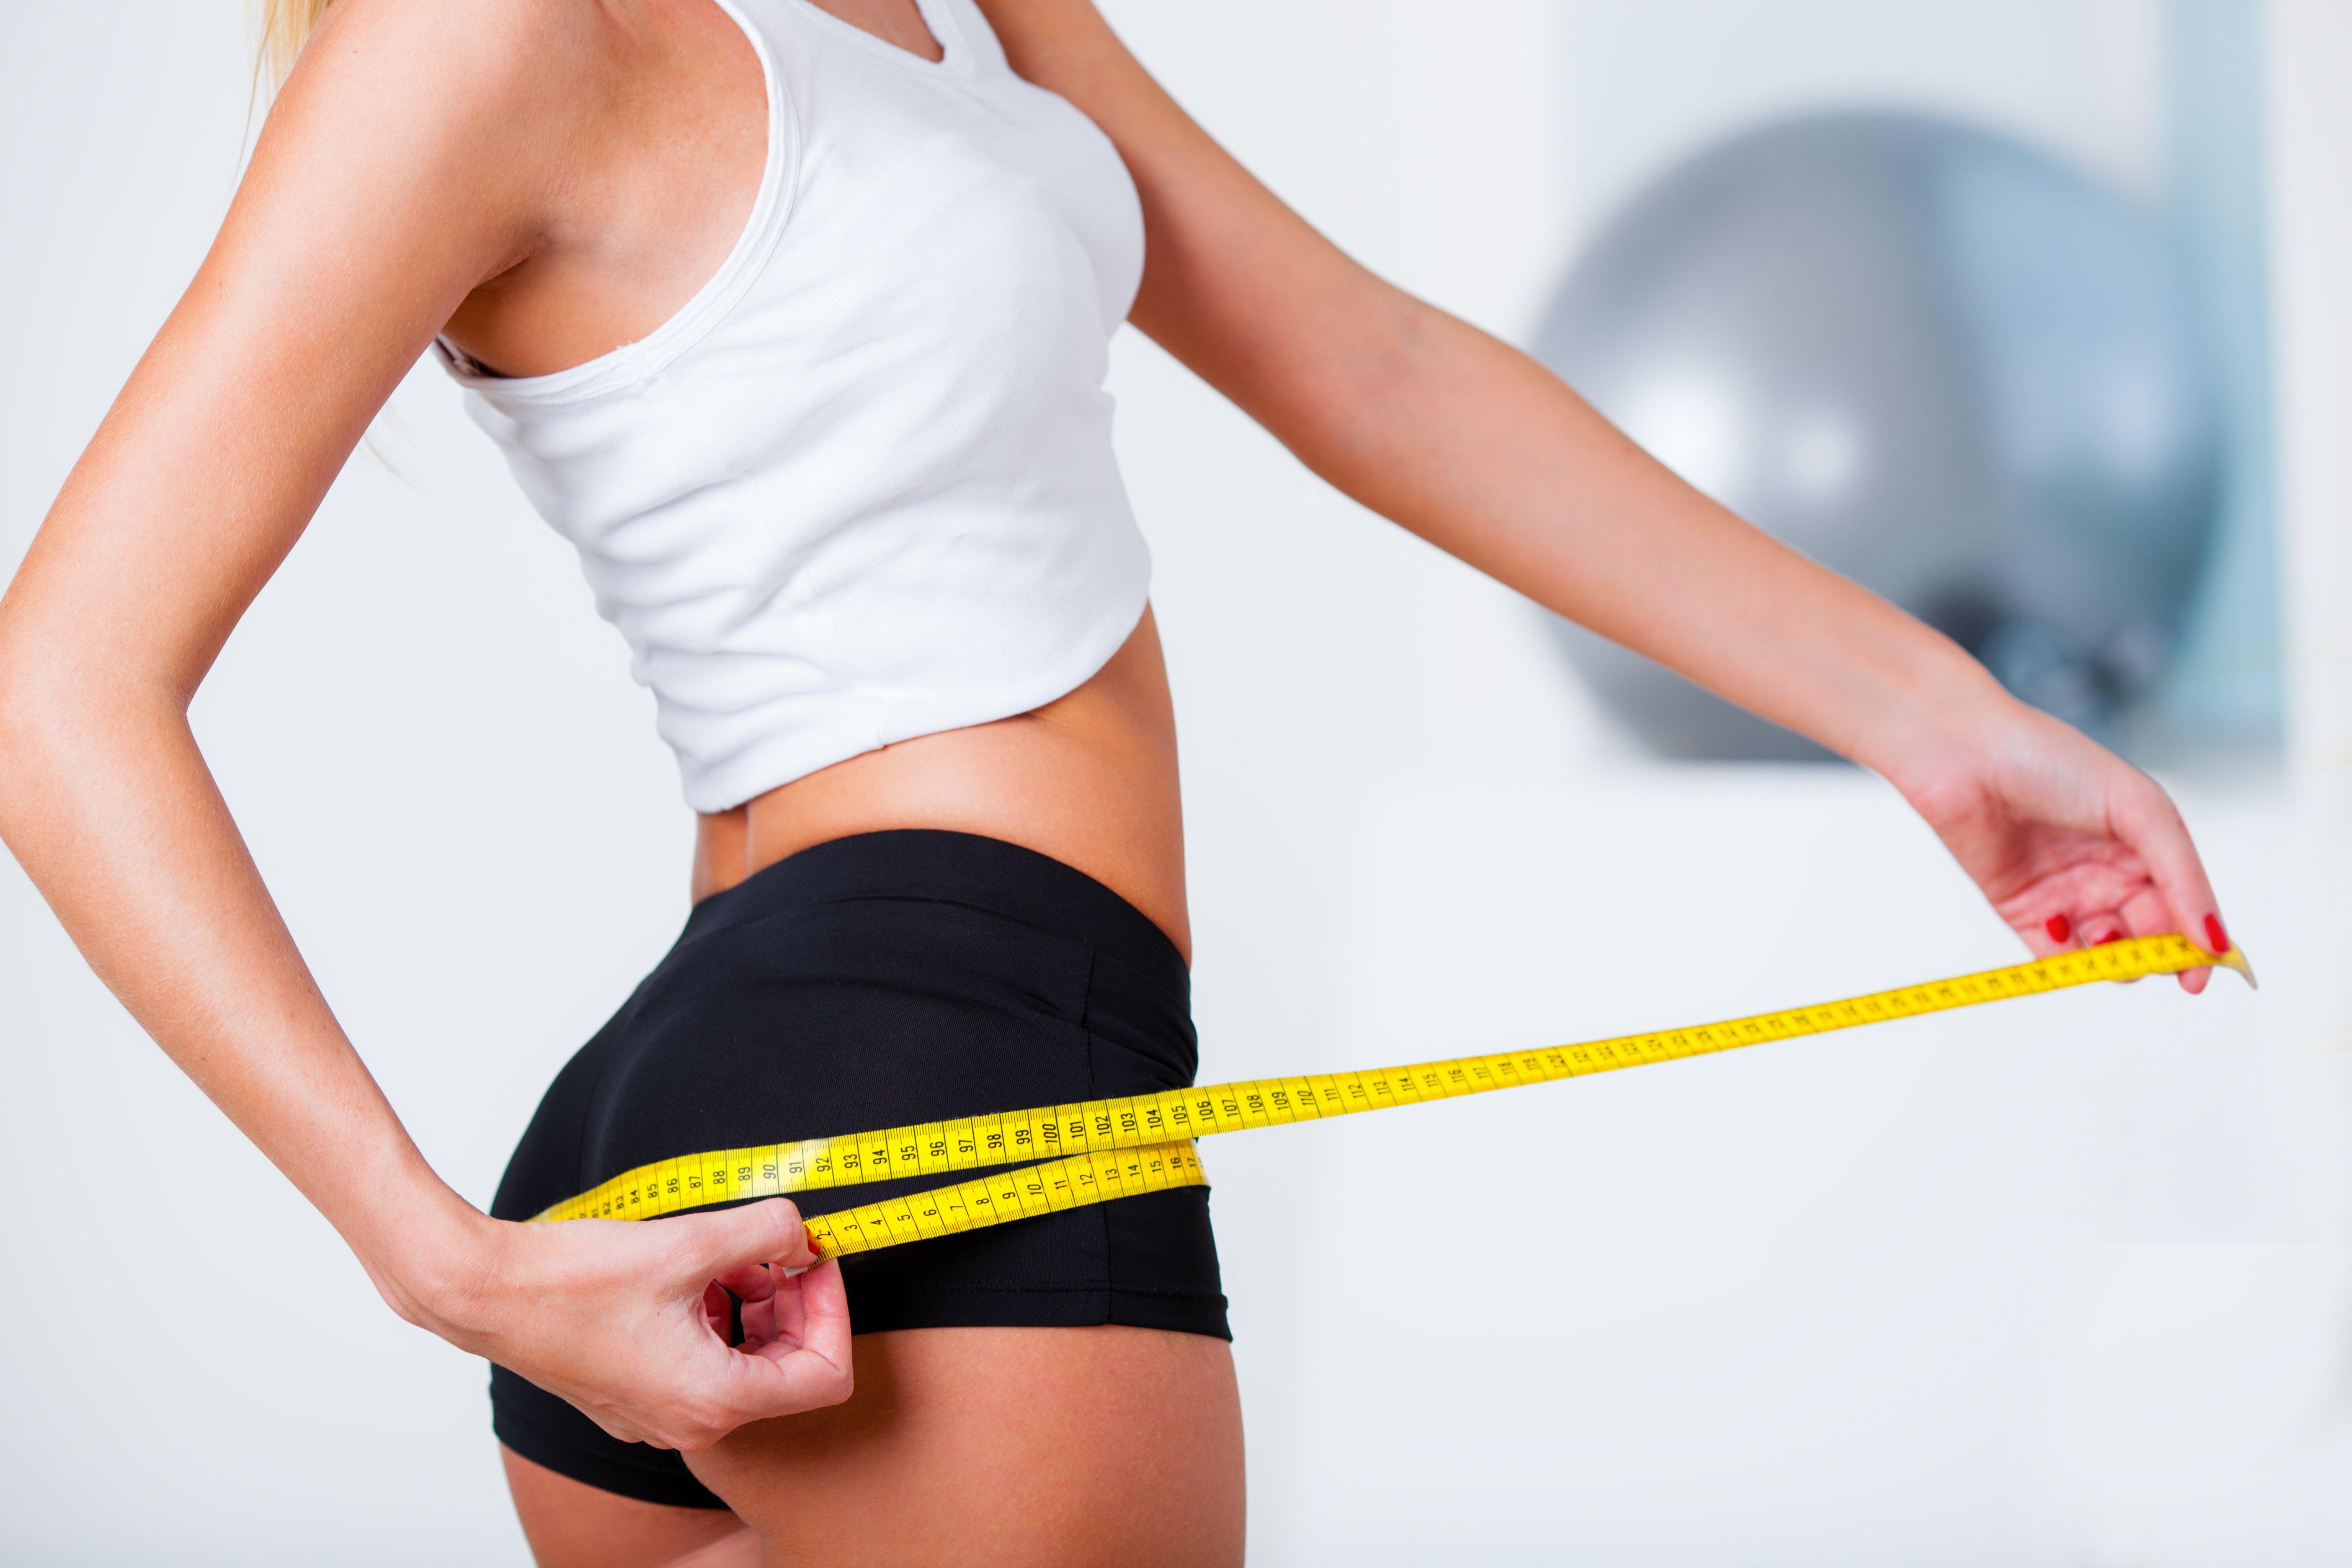 Как Сбросить Лишний Вес Упражнения Видео. Всего 6 эффективных упражнений на пути к похудению